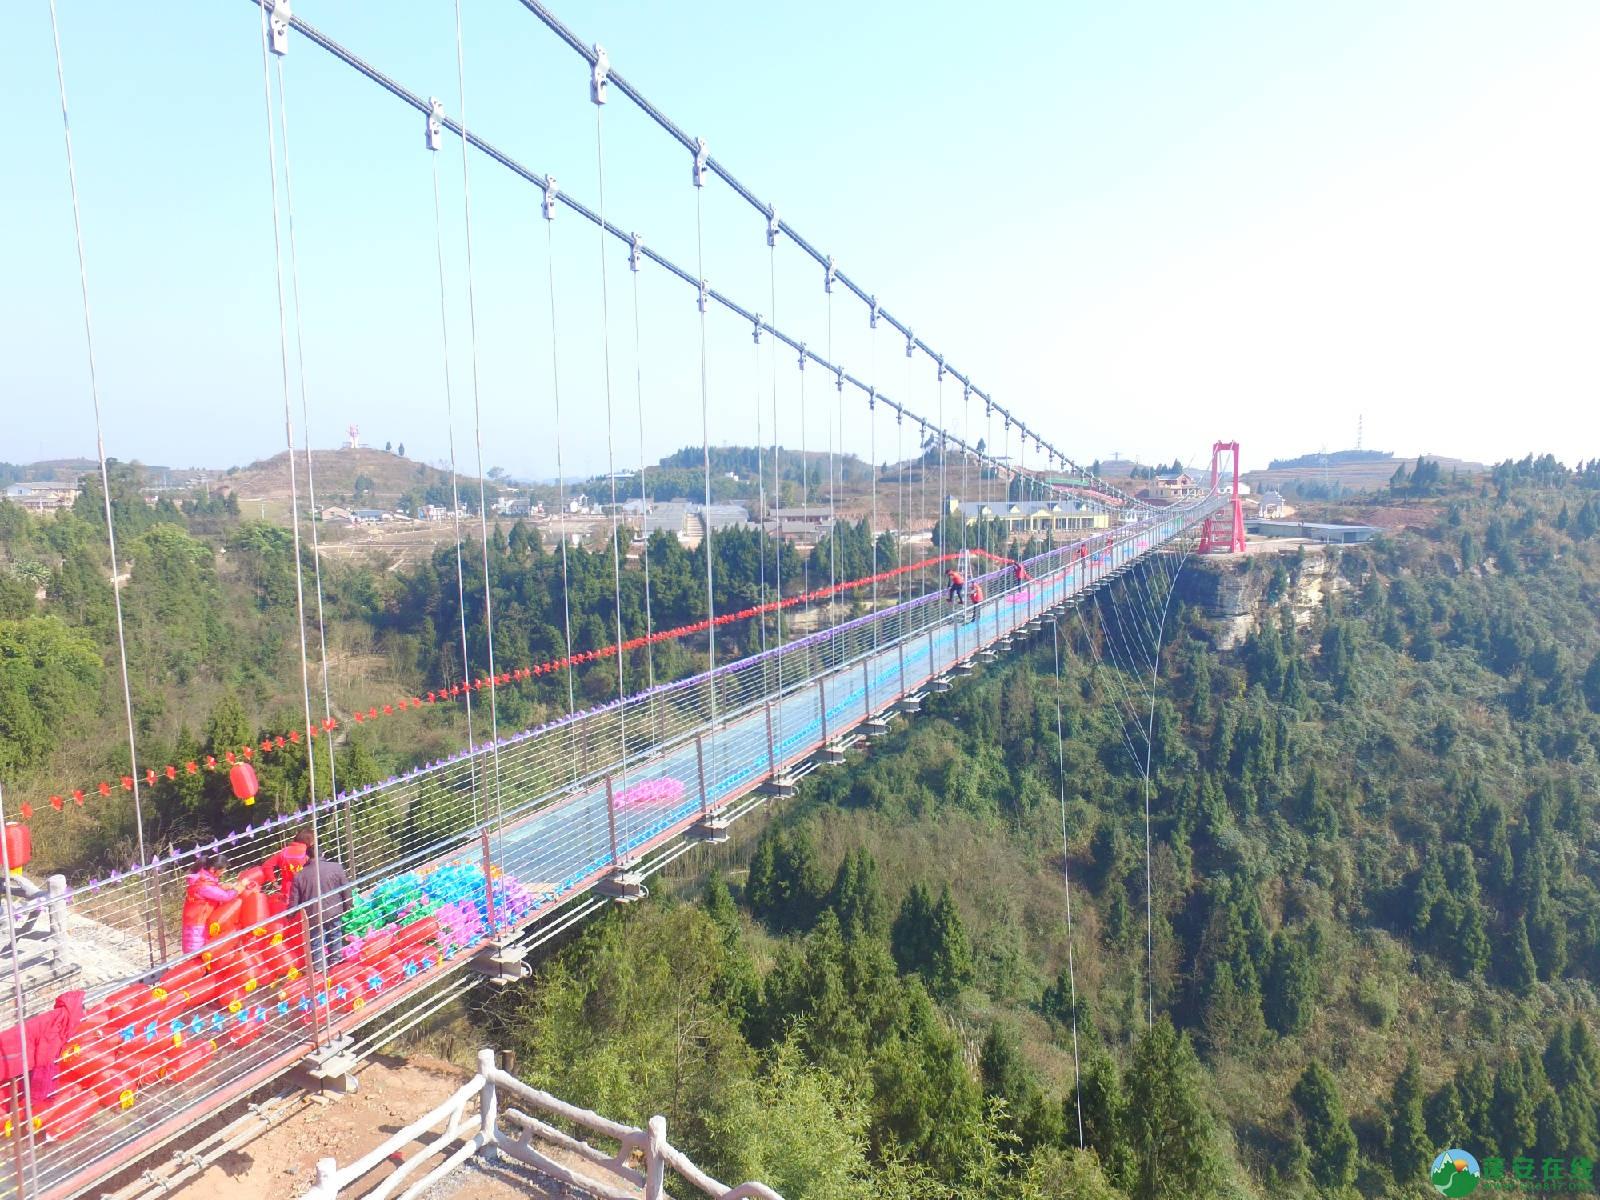 蓬安县正源镇红豆村首个悬空玻璃吊桥正式开放 - 第13张  | 蓬安在线